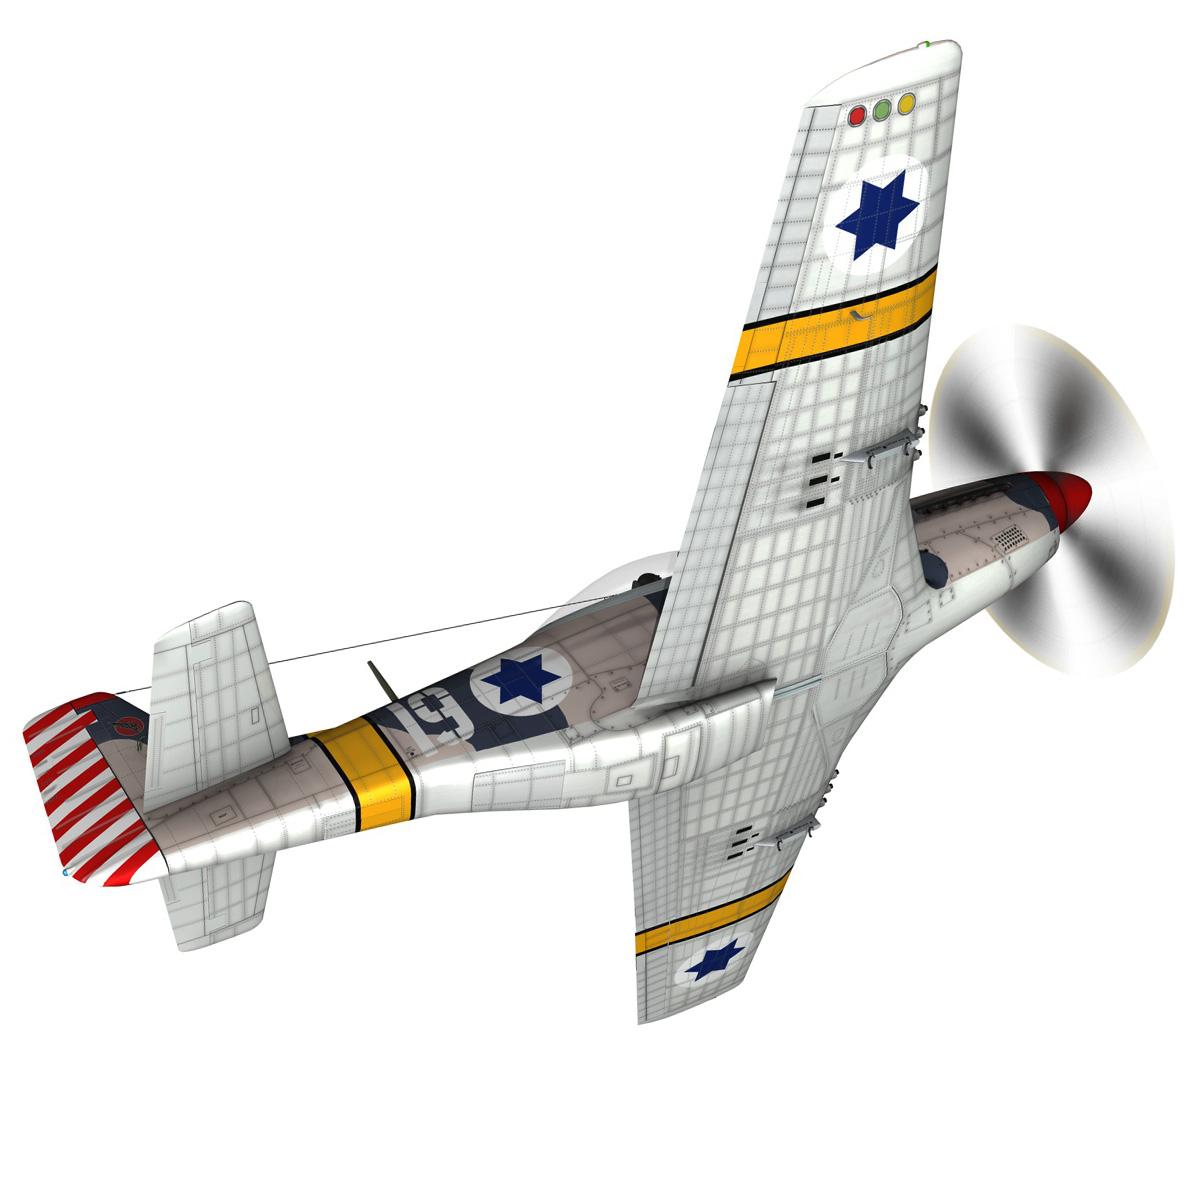 North American P-51D Mustang - IDF 3d model fbx c4d lwo lws lw obj 273310